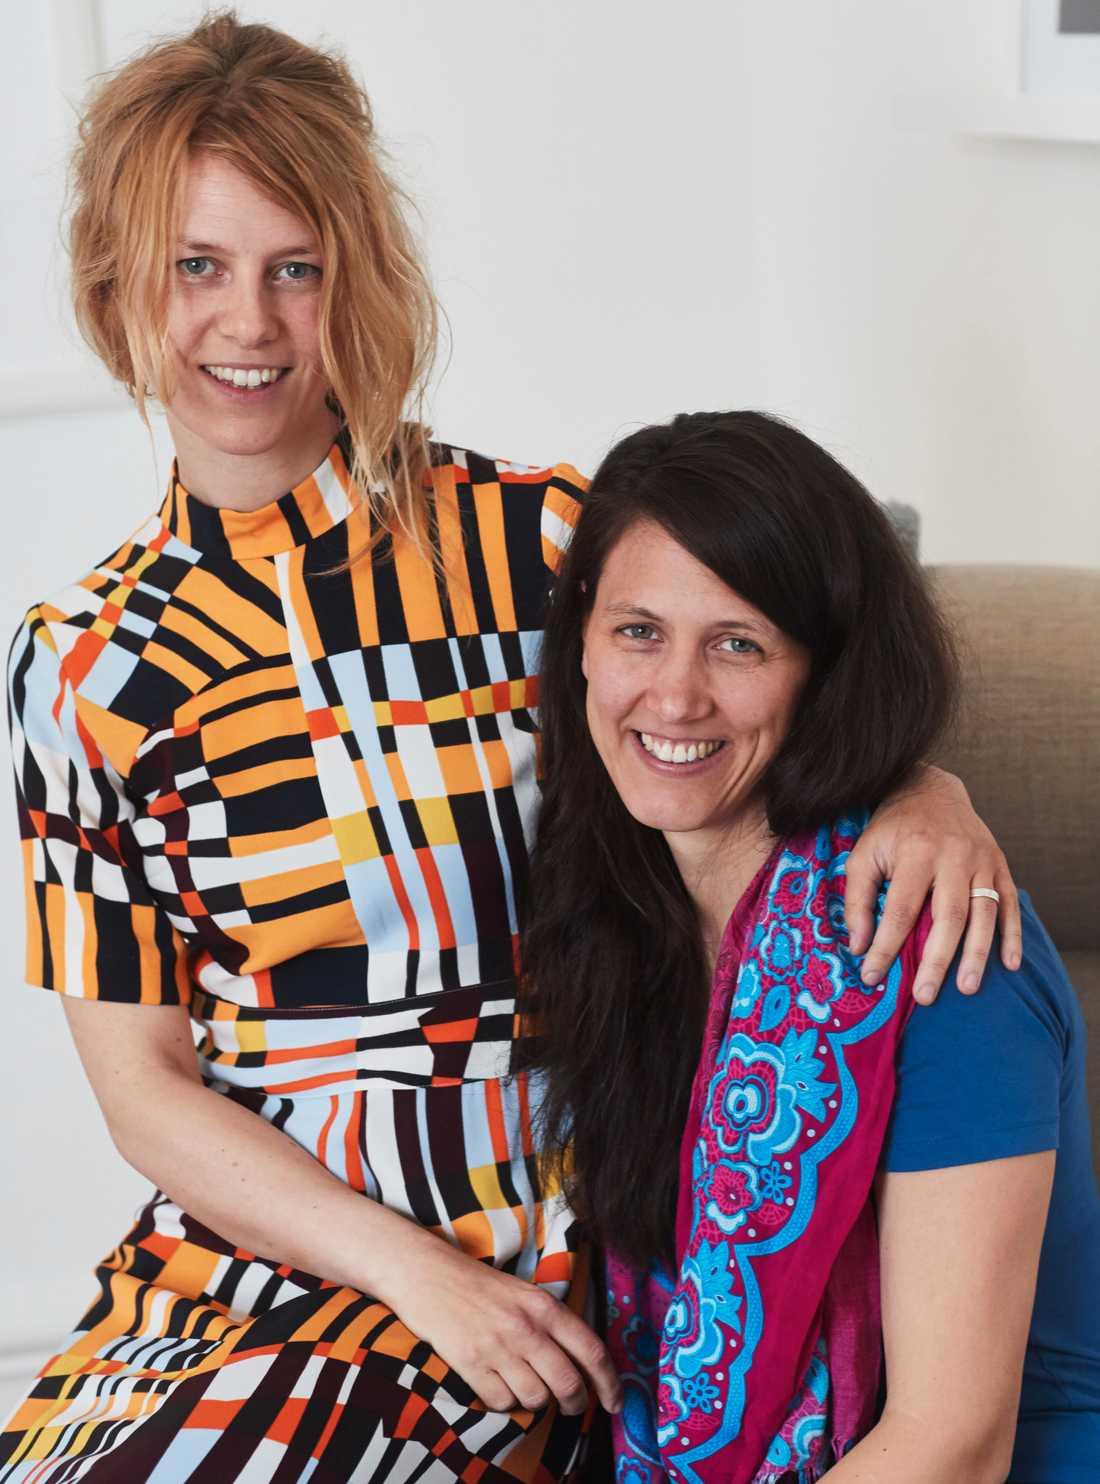 Malin Sandell och Ina Elverljung är bästa vänner och kollegor som båda är högkänsliga.